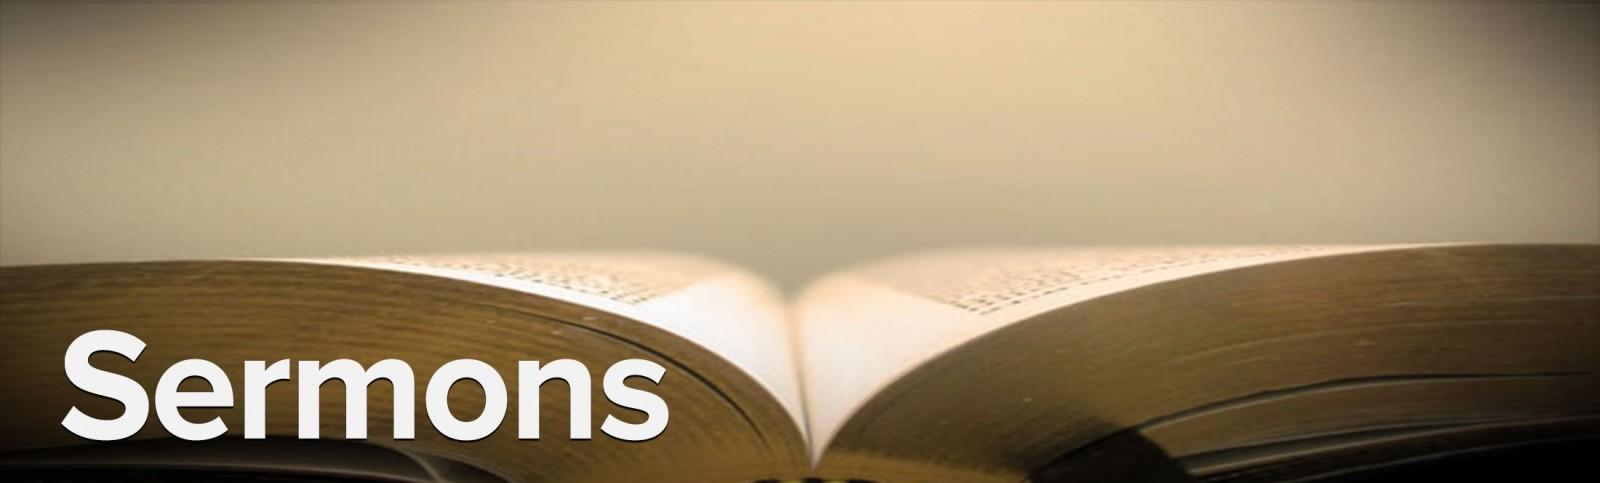 Rabbi Rabbi Ze'ev Smason's Sermons